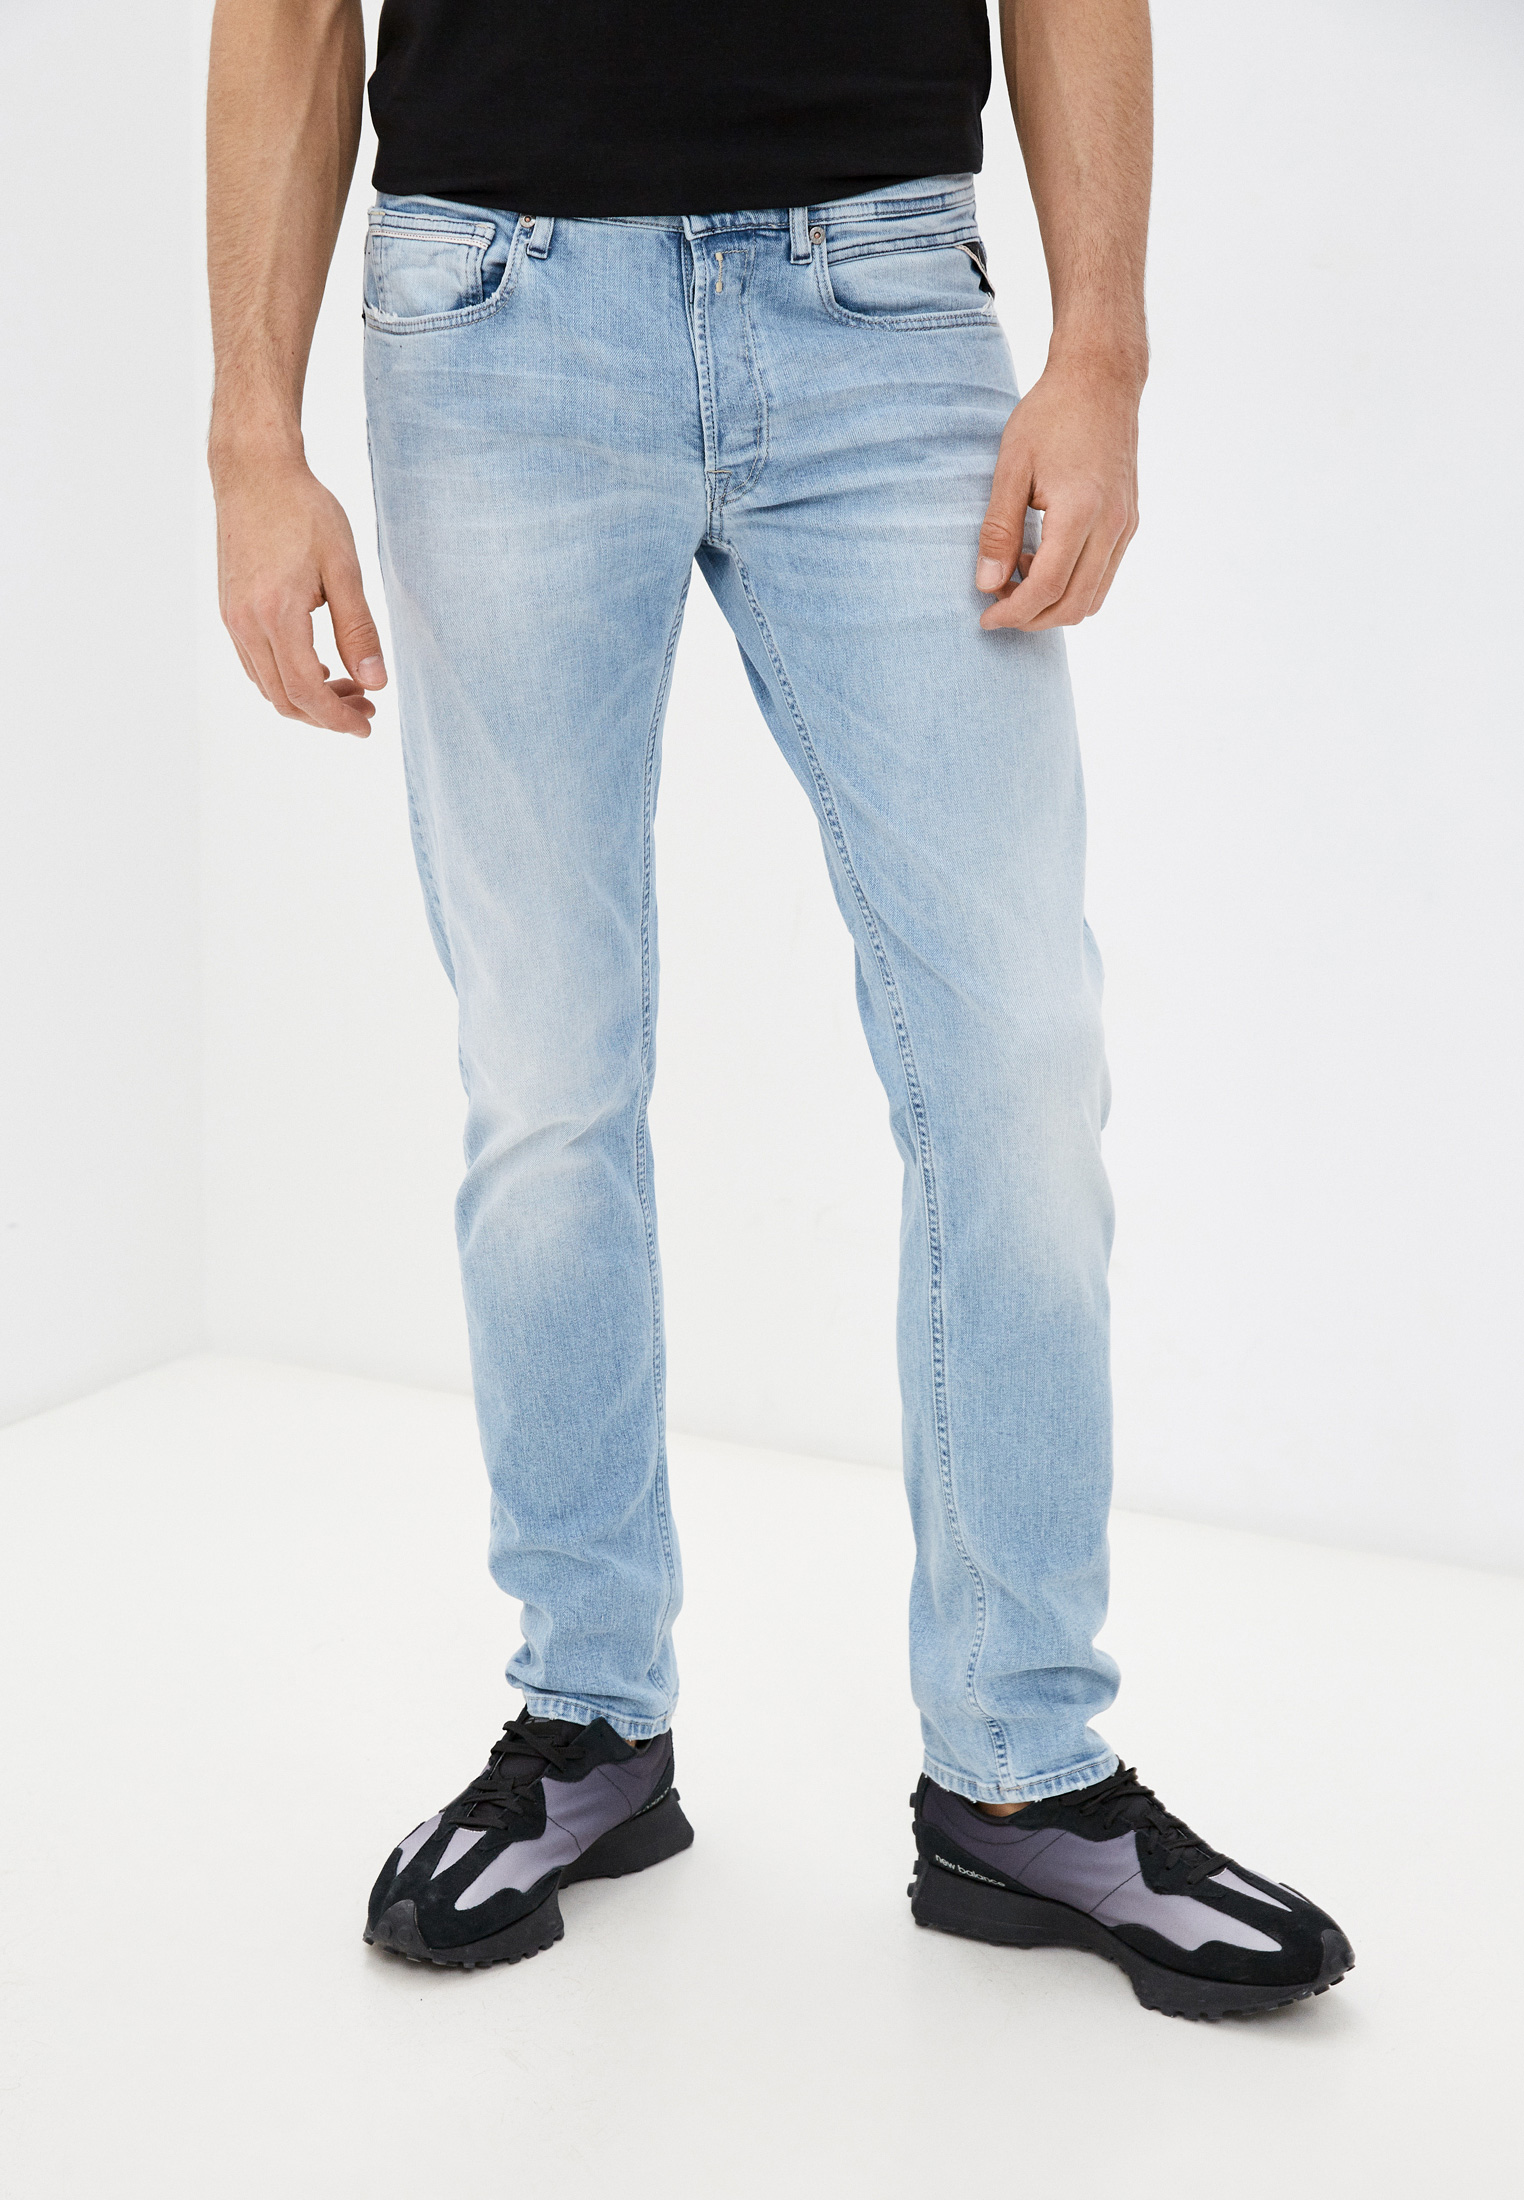 Зауженные джинсы Replay (Реплей) MA972.000.573816